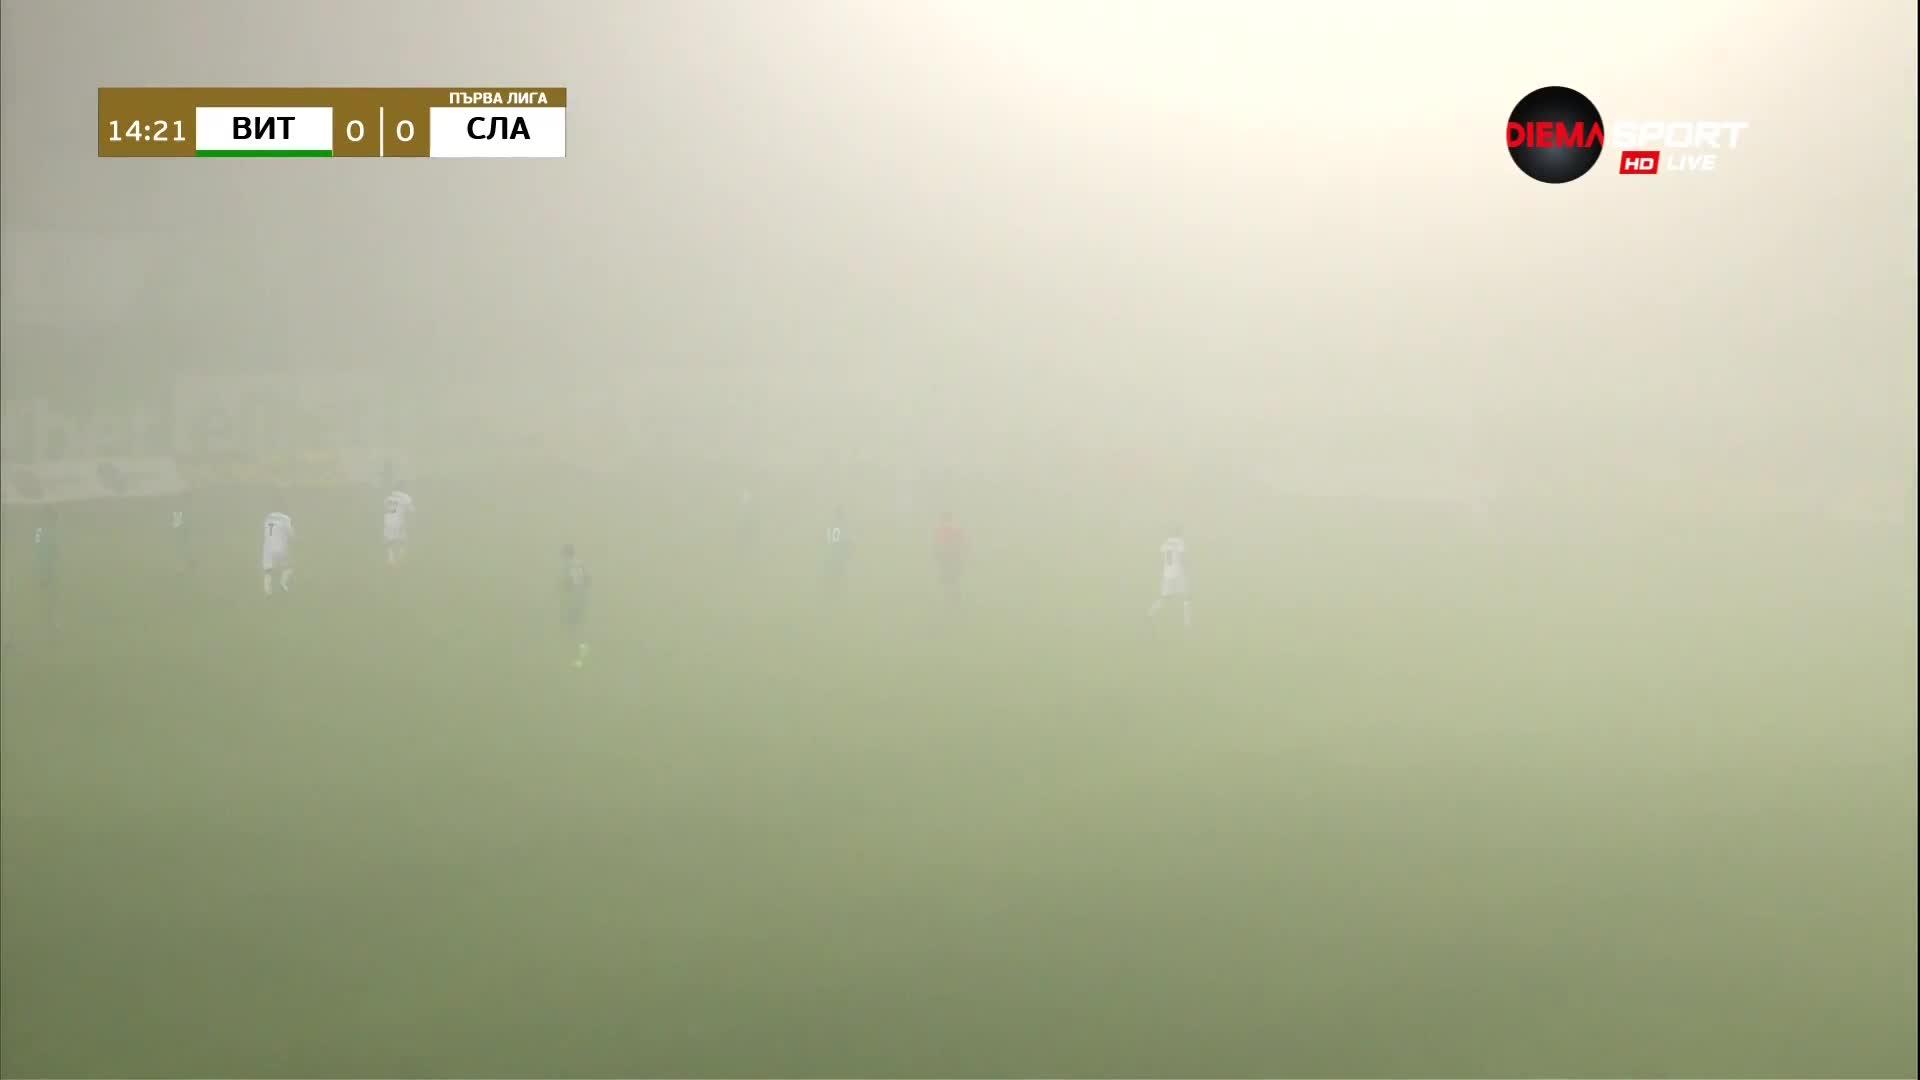 Сериозна мъгла на Витоша - Славия